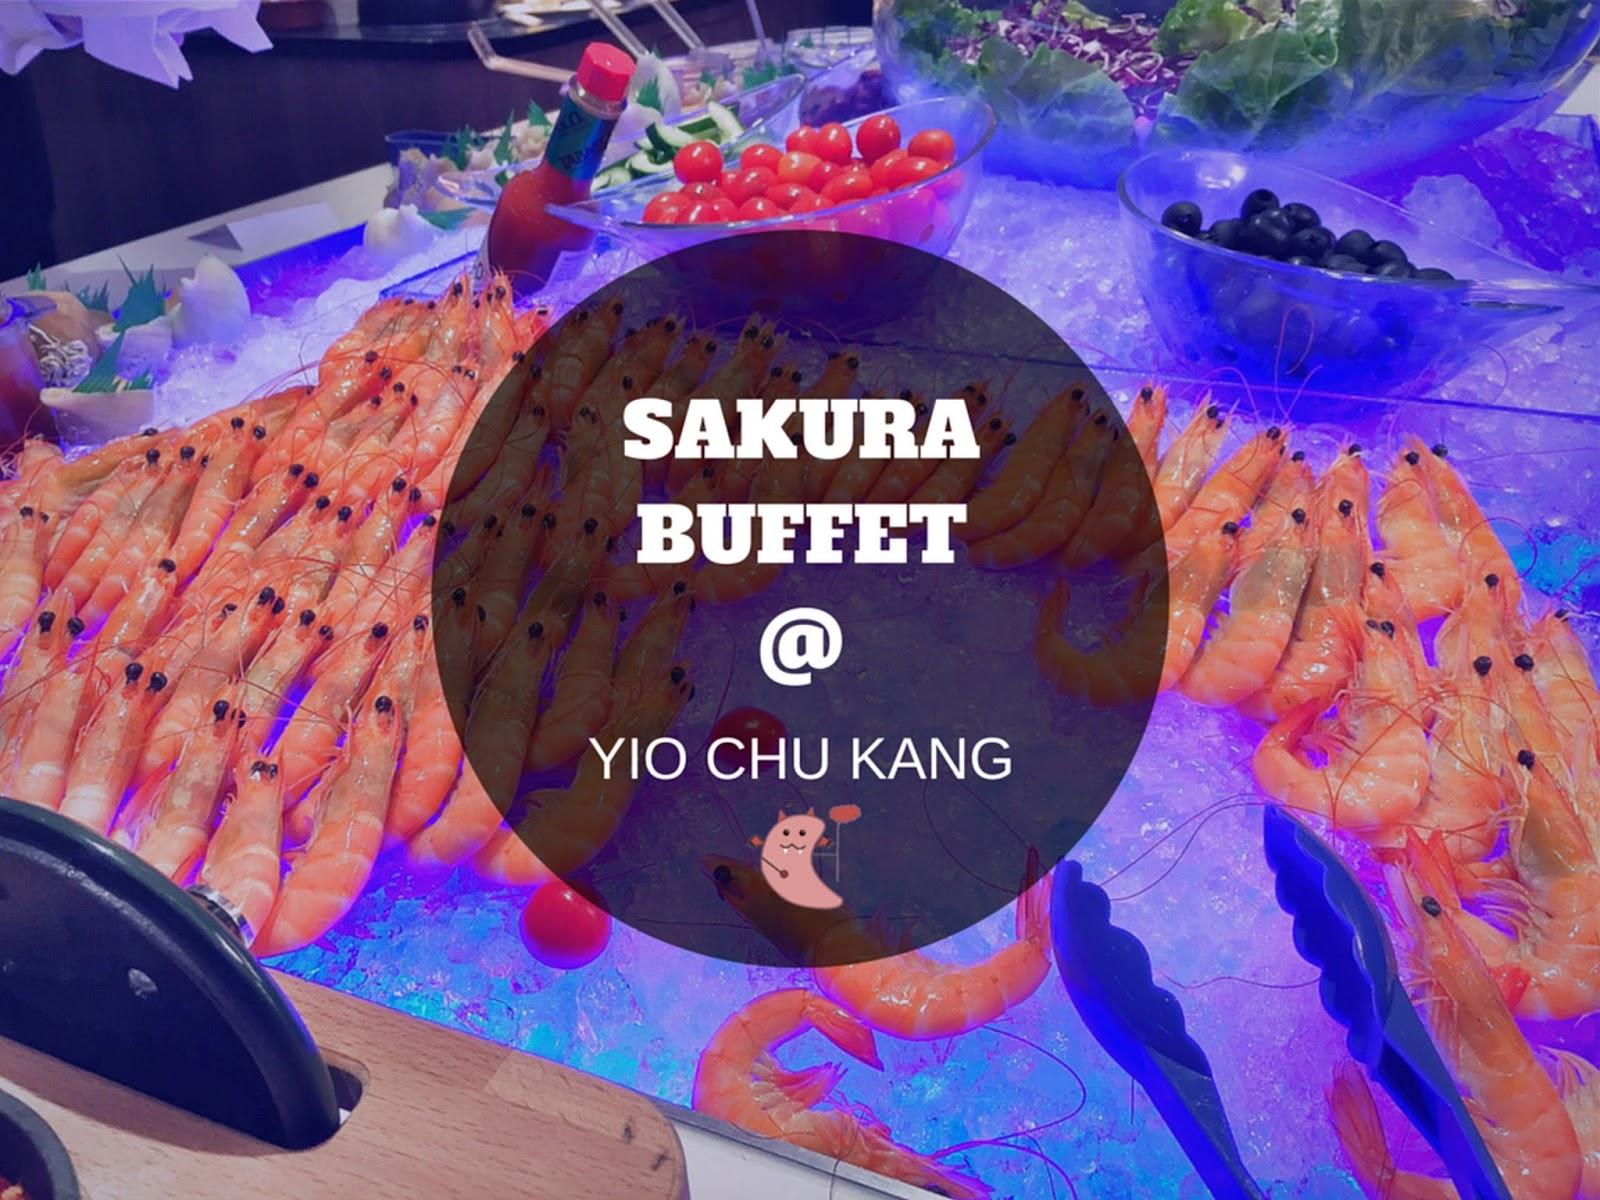 Sakura International Buffet at Yio Chu Kang